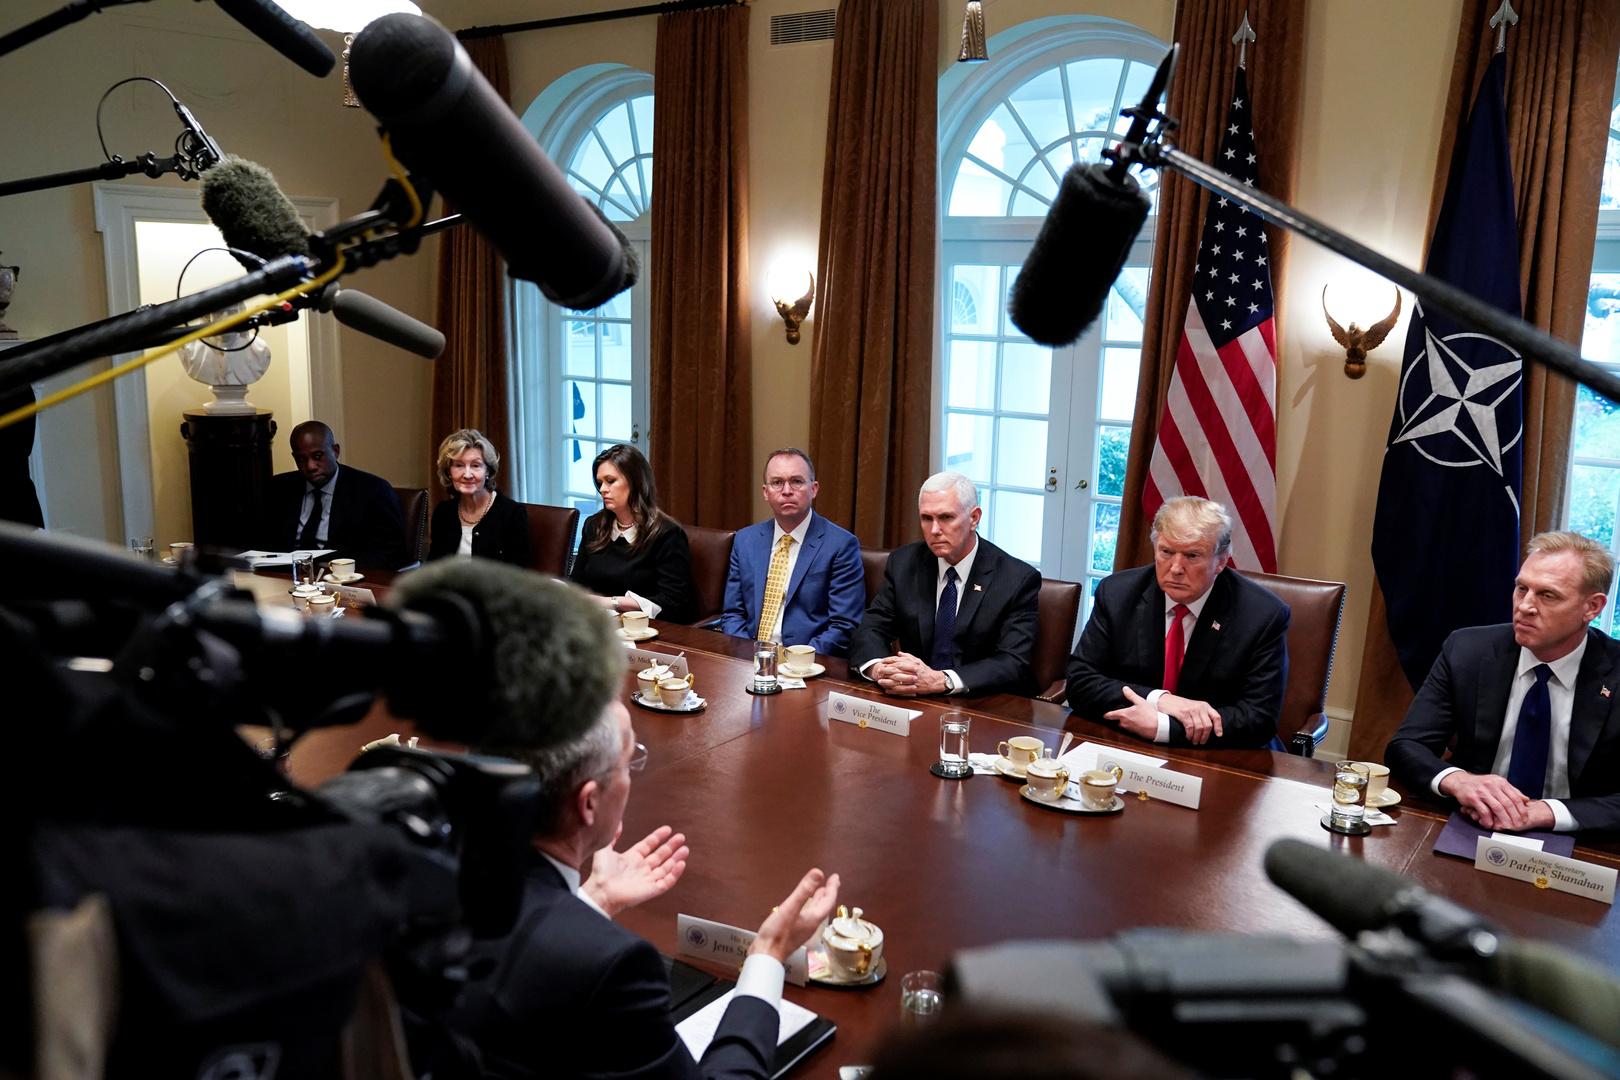 لتدفع أوروبا: ترامب يقلّص مساهمة أمريكا في ميزانية الناتو